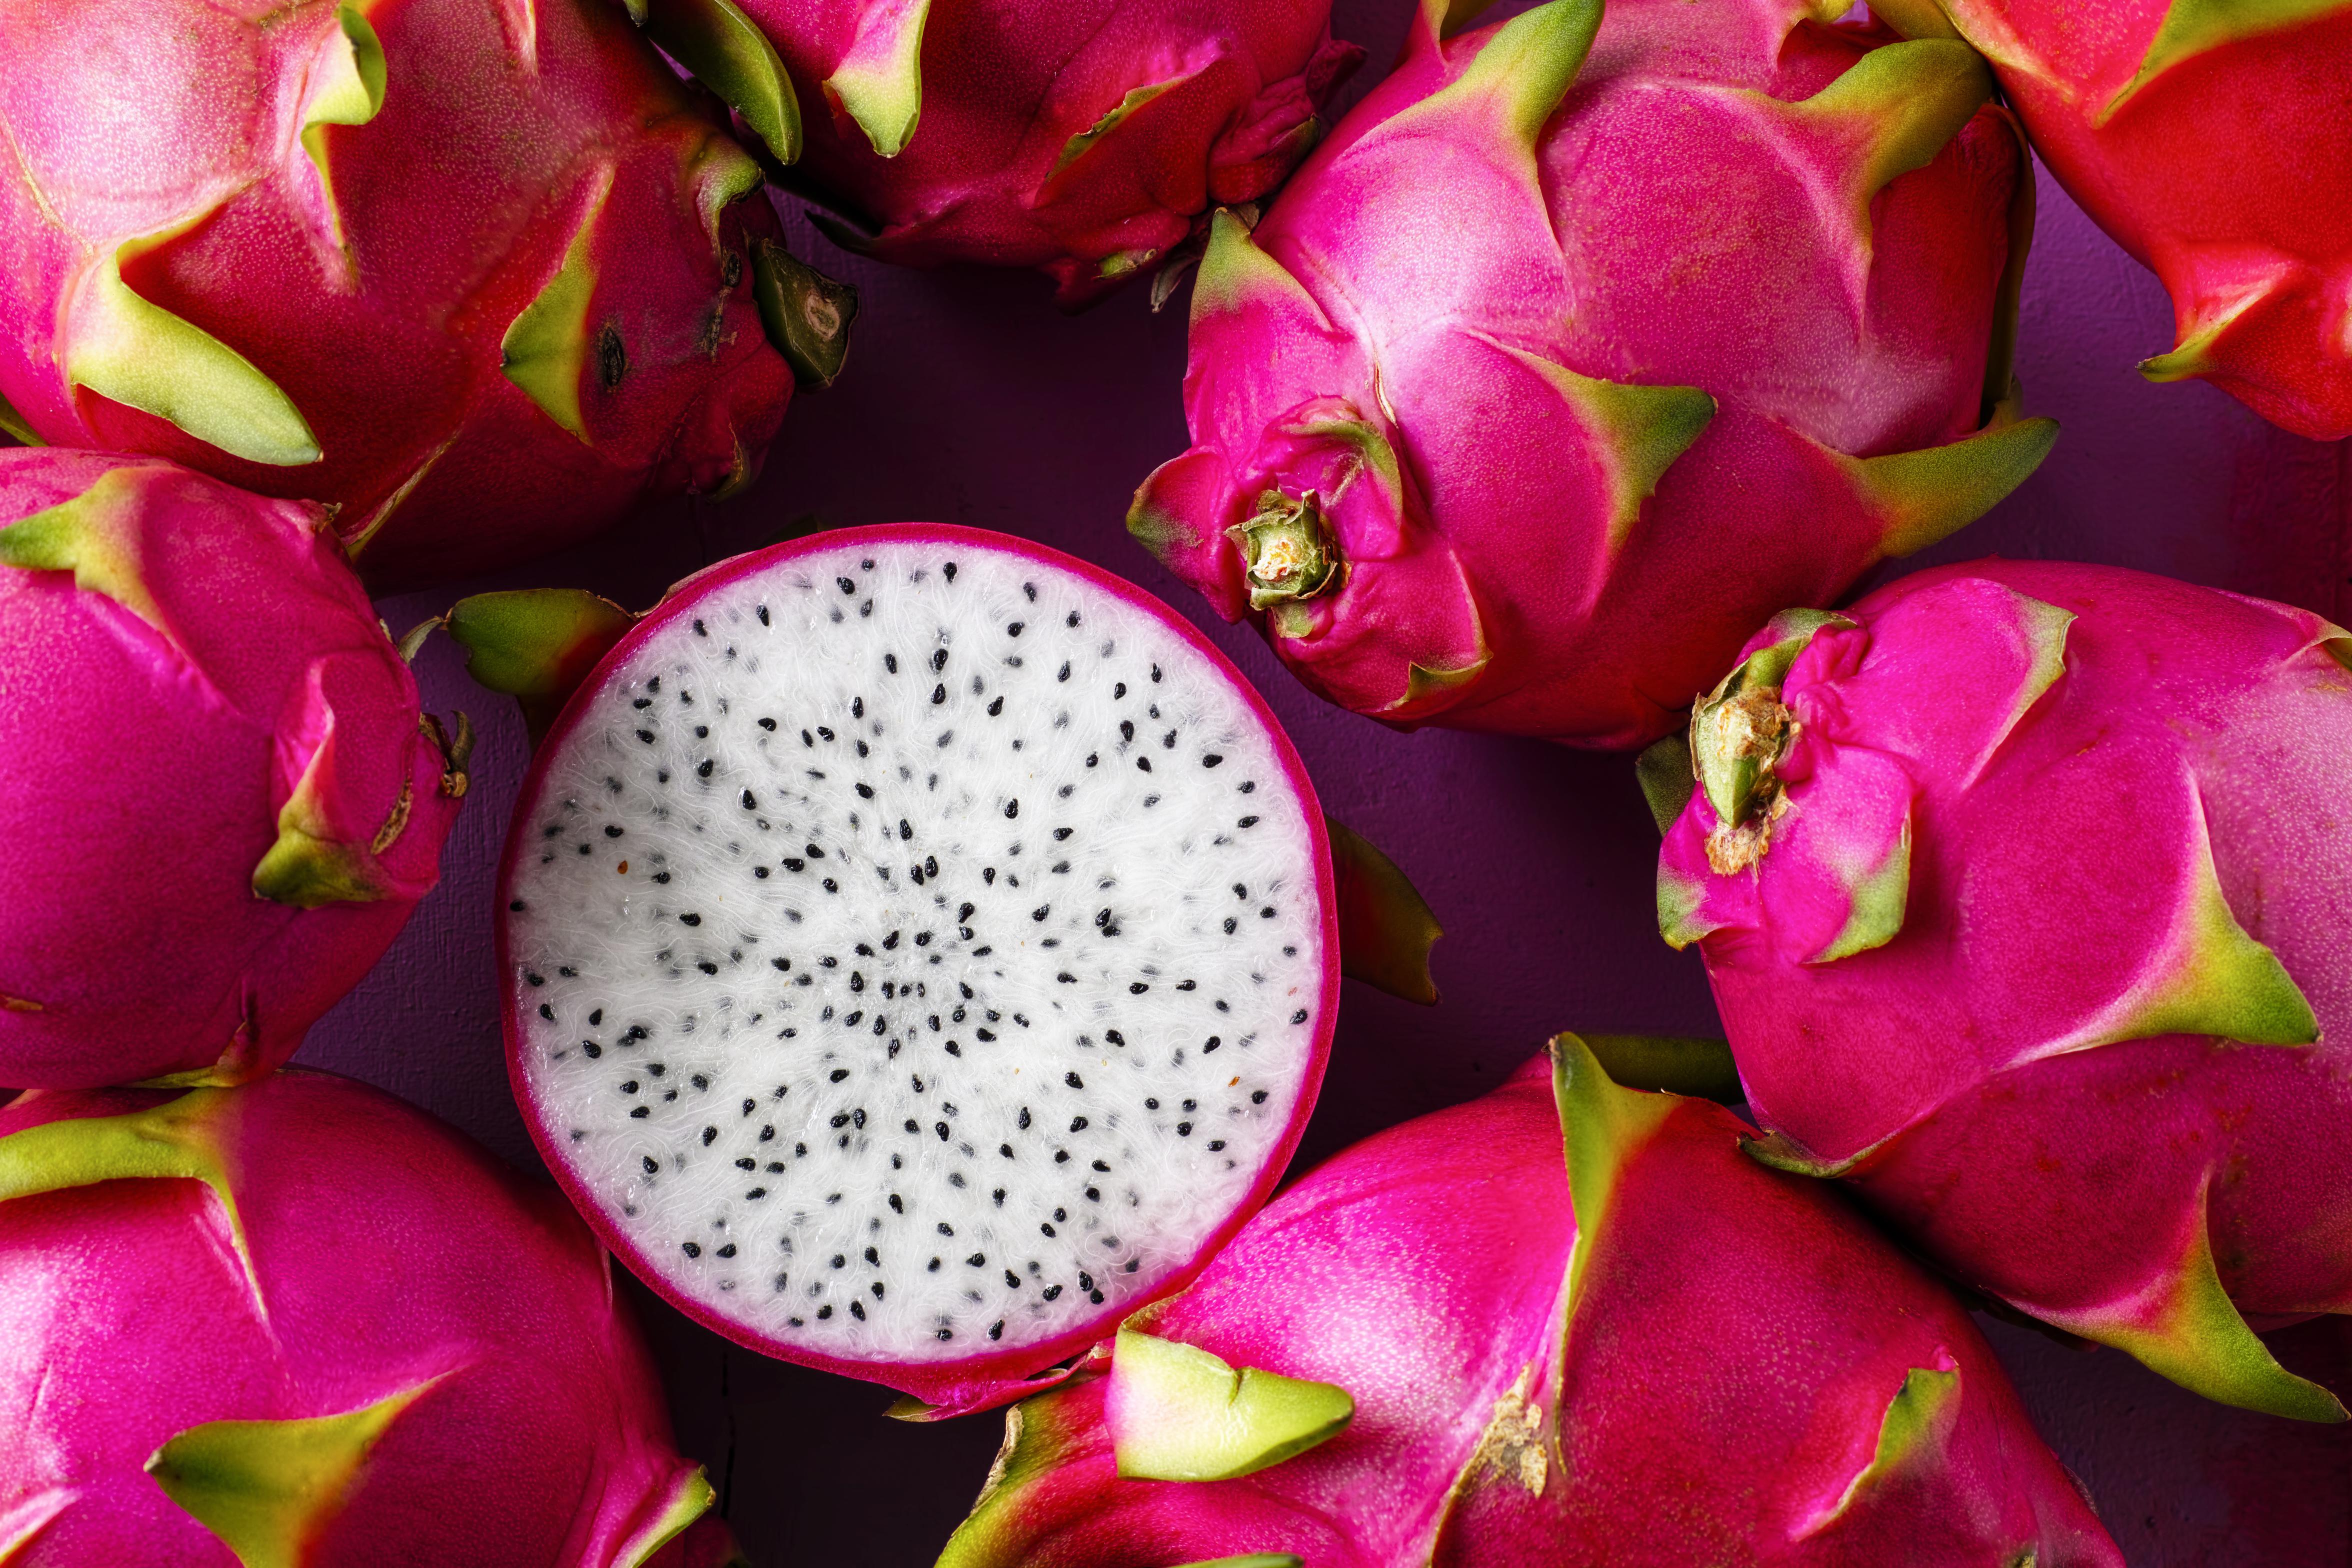 A mutatós gyümölcs itthon is egyre elterjedtebb, elsősorban zabkását vagy limonádét ízesítenek vele. Miről van szó?